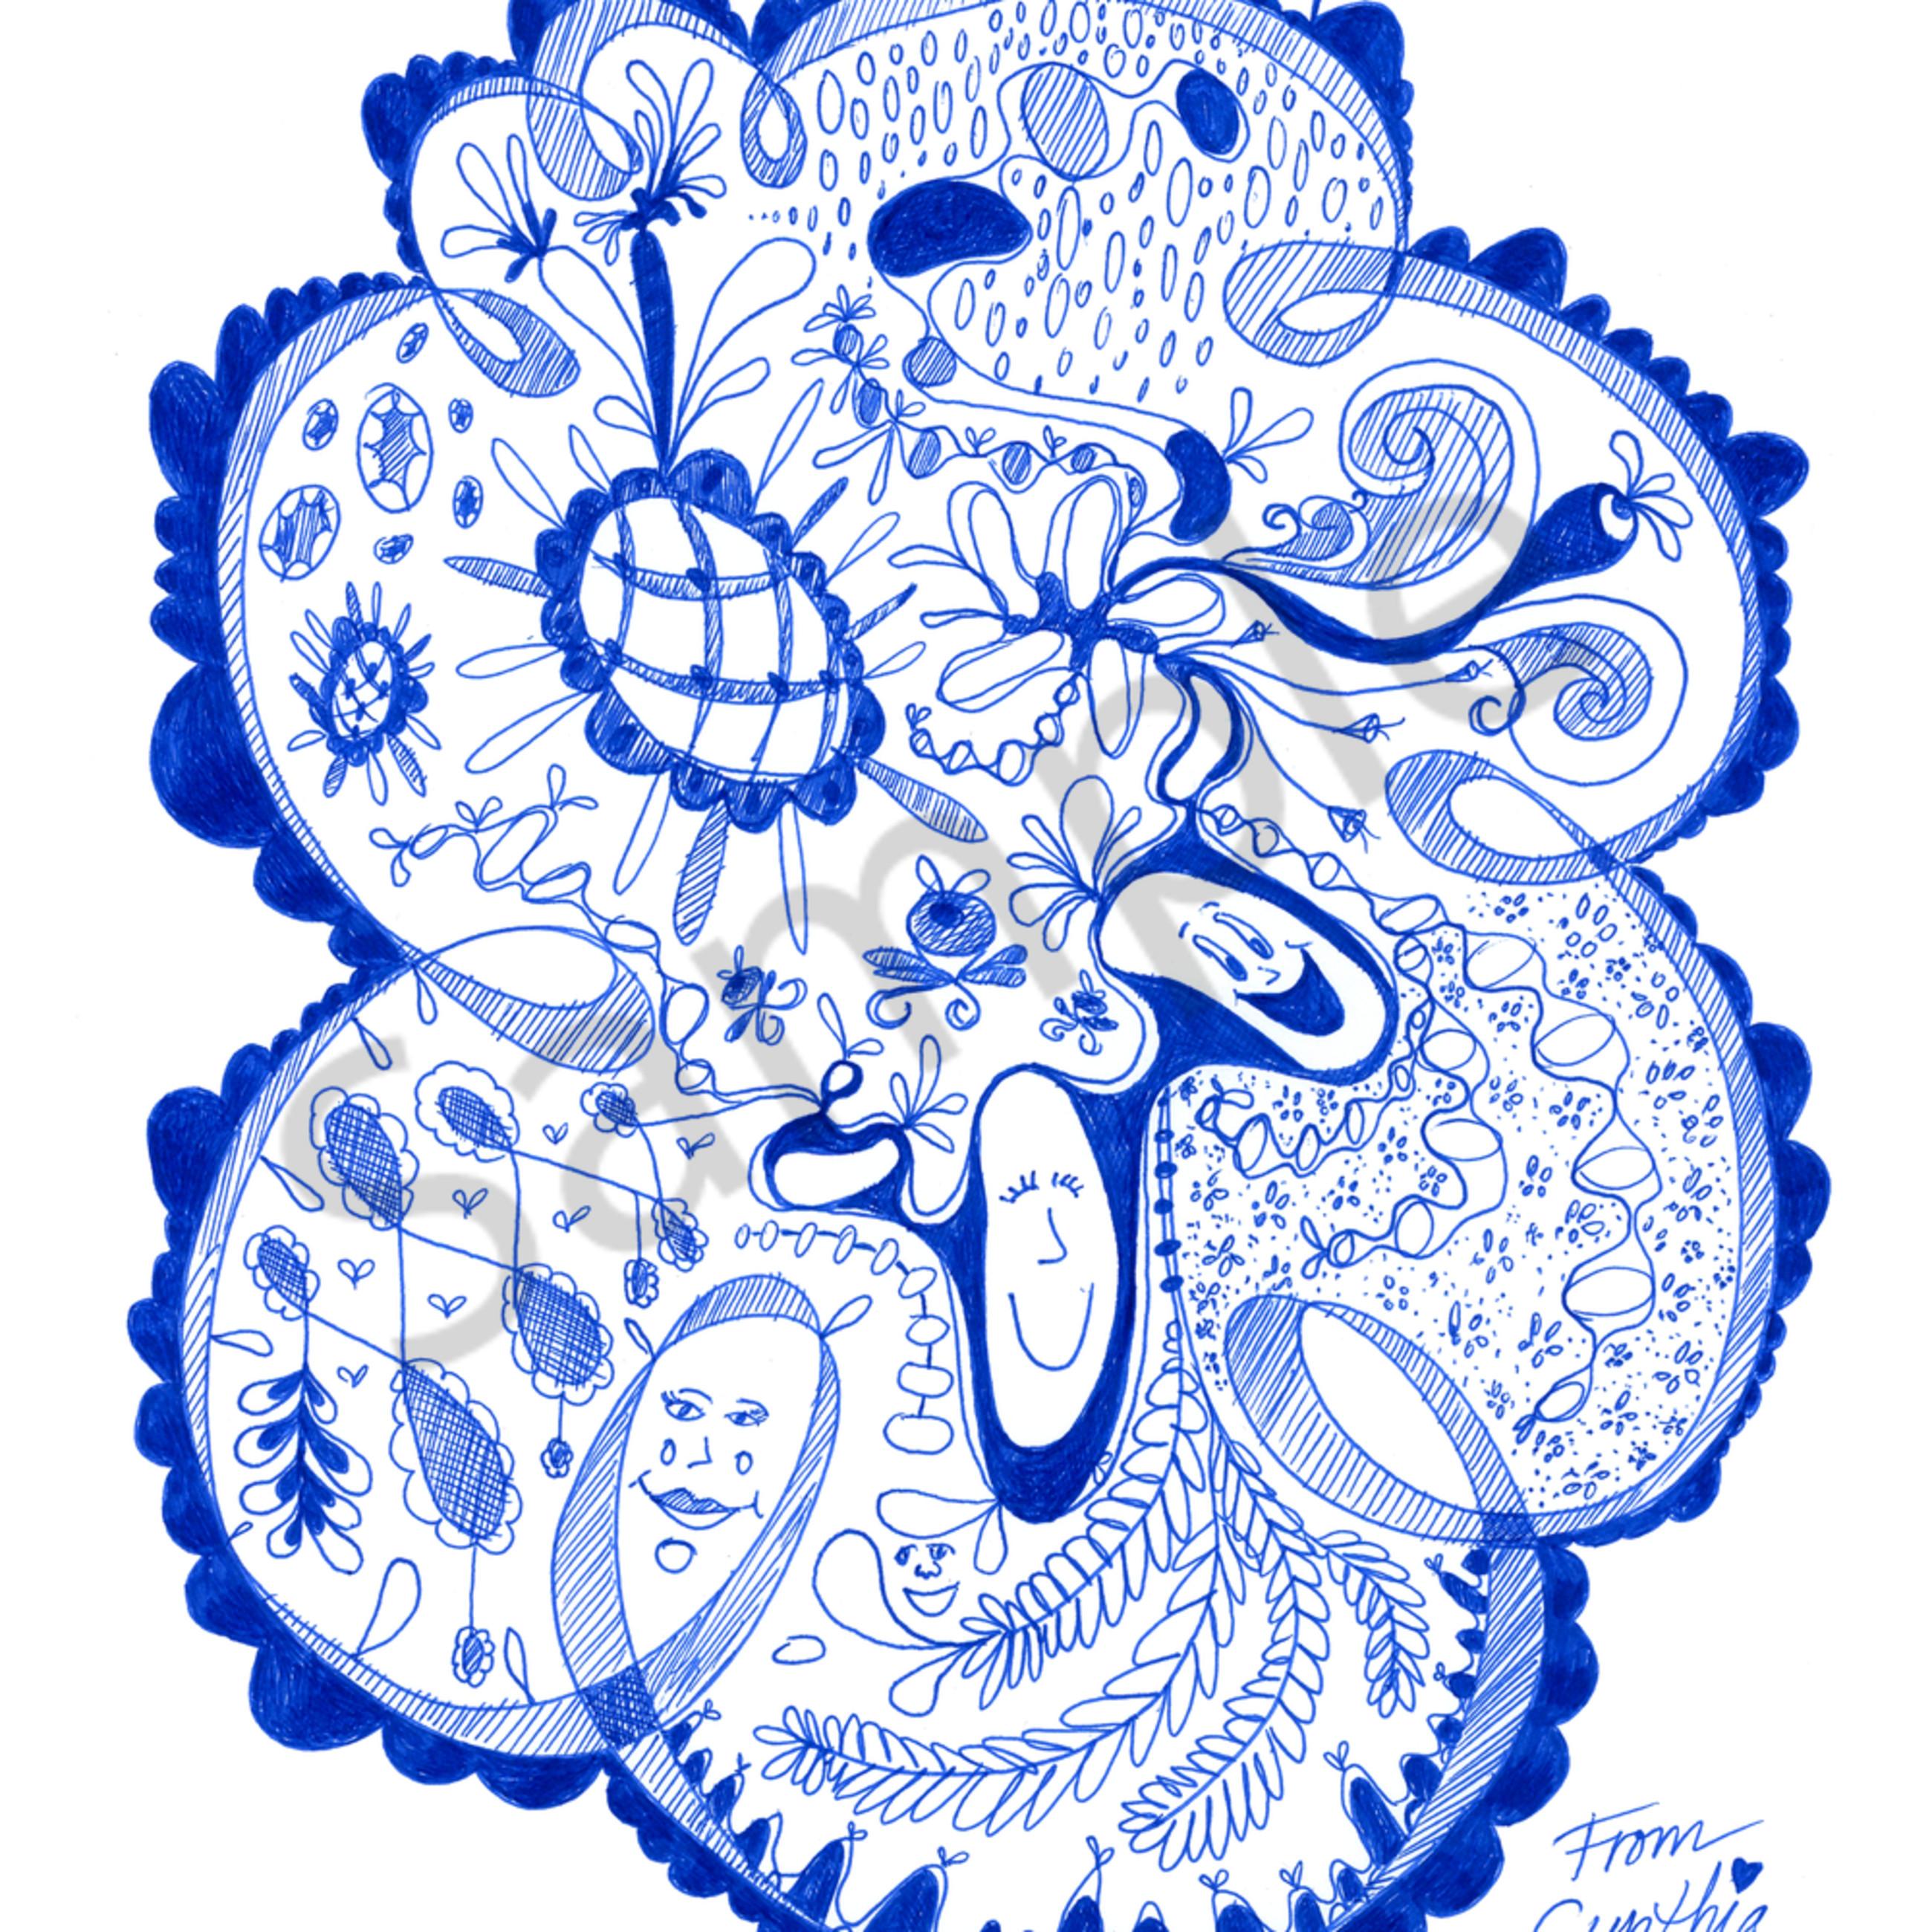 Boof doodle march 2020 se1yqd